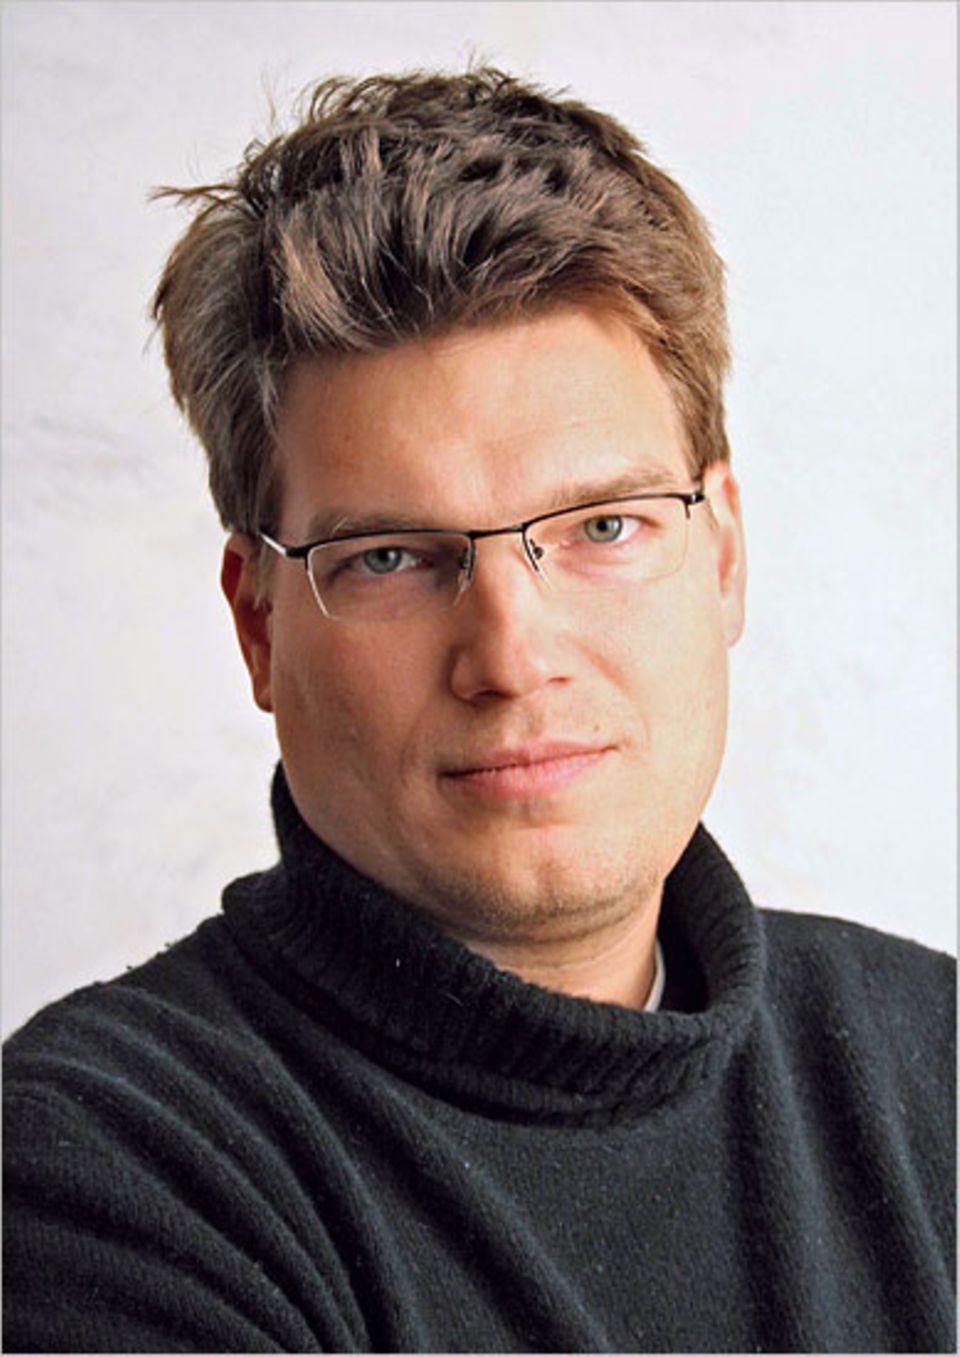 """Nikolaus Geyrhalter (geb. 1972 in Wien) ist Regisseur, Produzent und Kameramann. Seine Filme erhielten mehrfach internationale Auszeichnungen: """"Angeschwemmt"""" (1994), """"Das Jahr nach Dayton"""" (1997), """"Pripyat"""" (1999), """"Elsewhere"""" (2001)"""